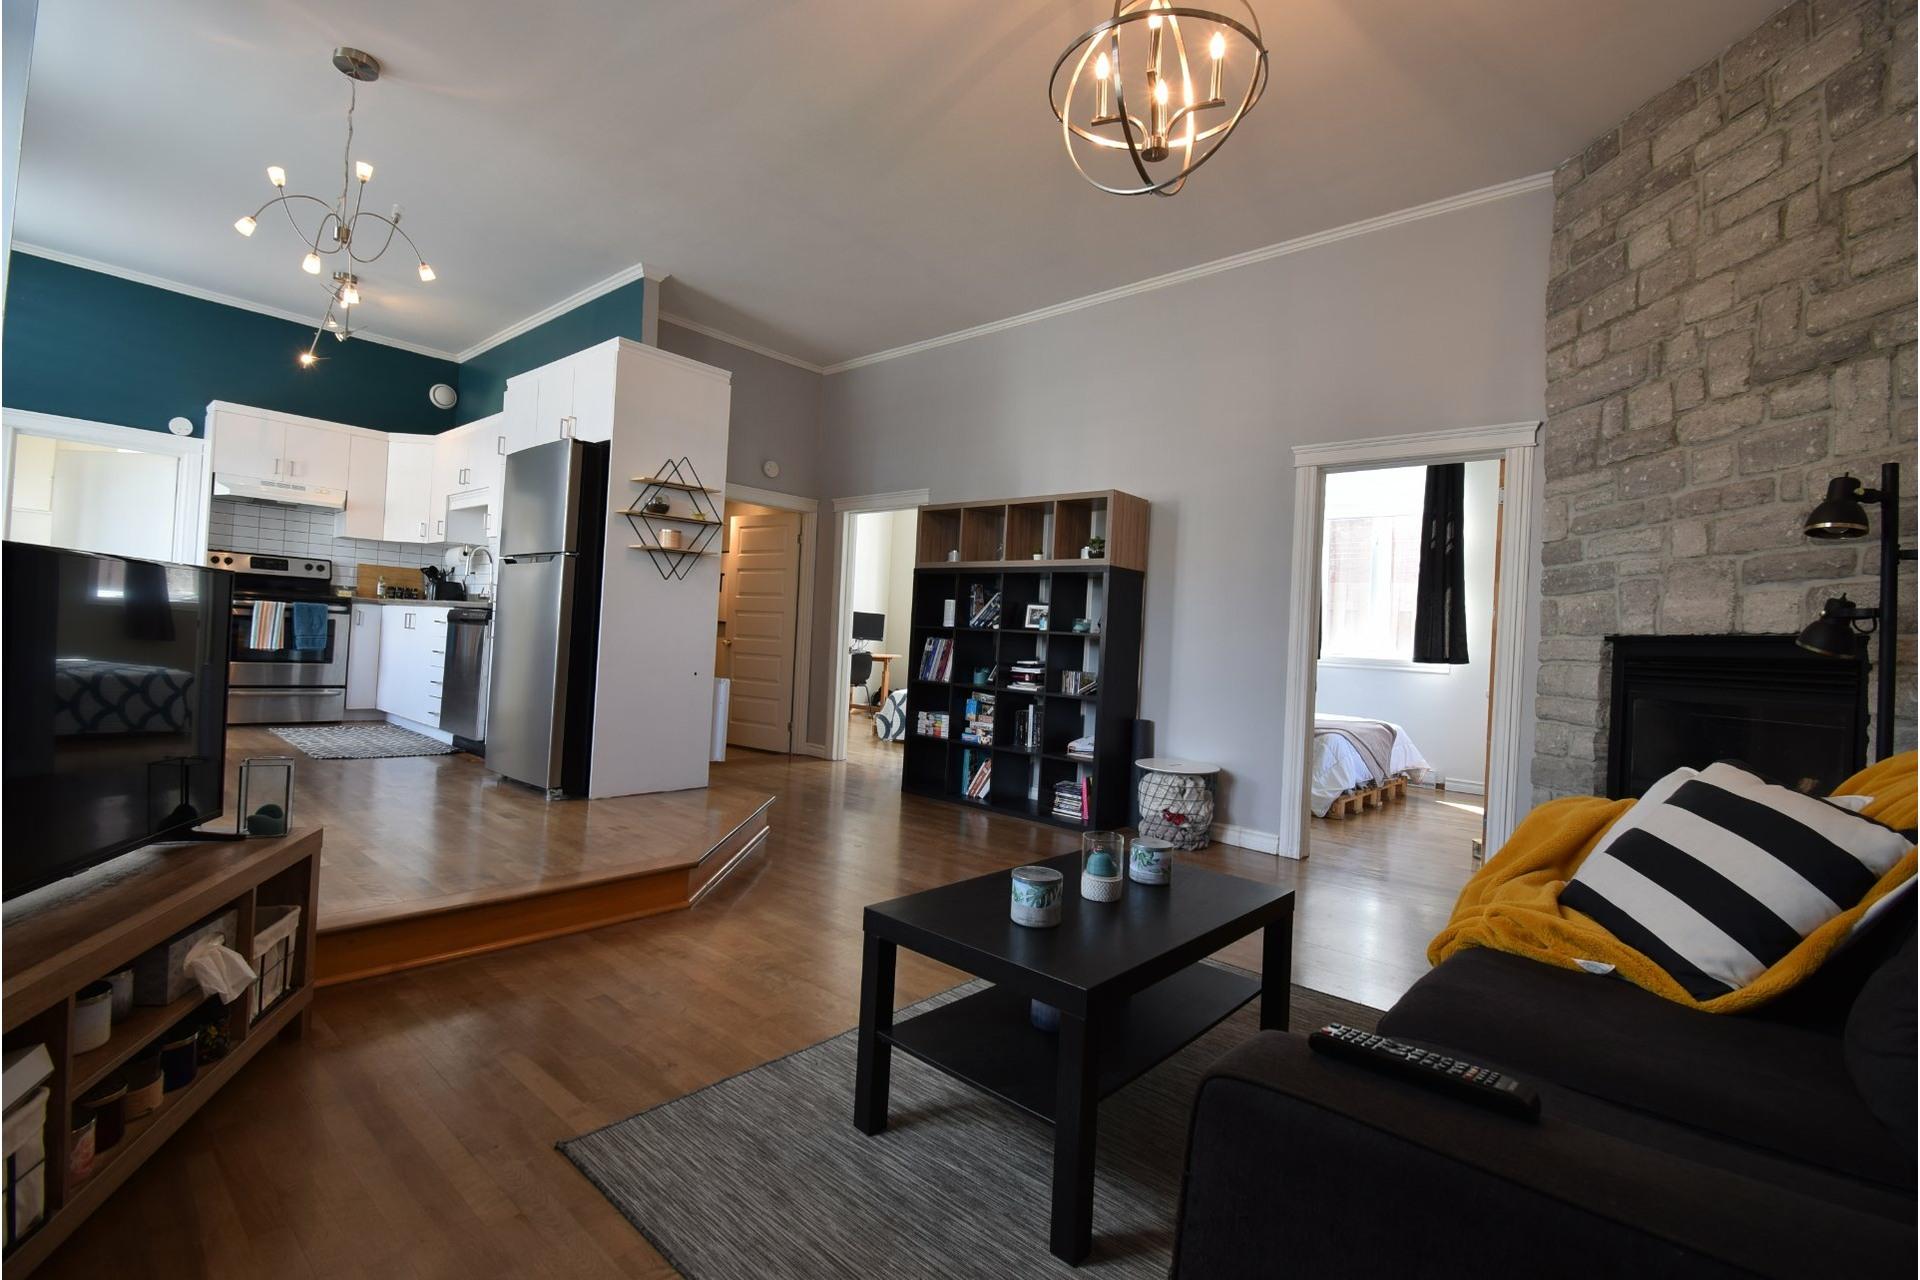 image 5 - Duplex À vendre Trois-Rivières - 4 pièces